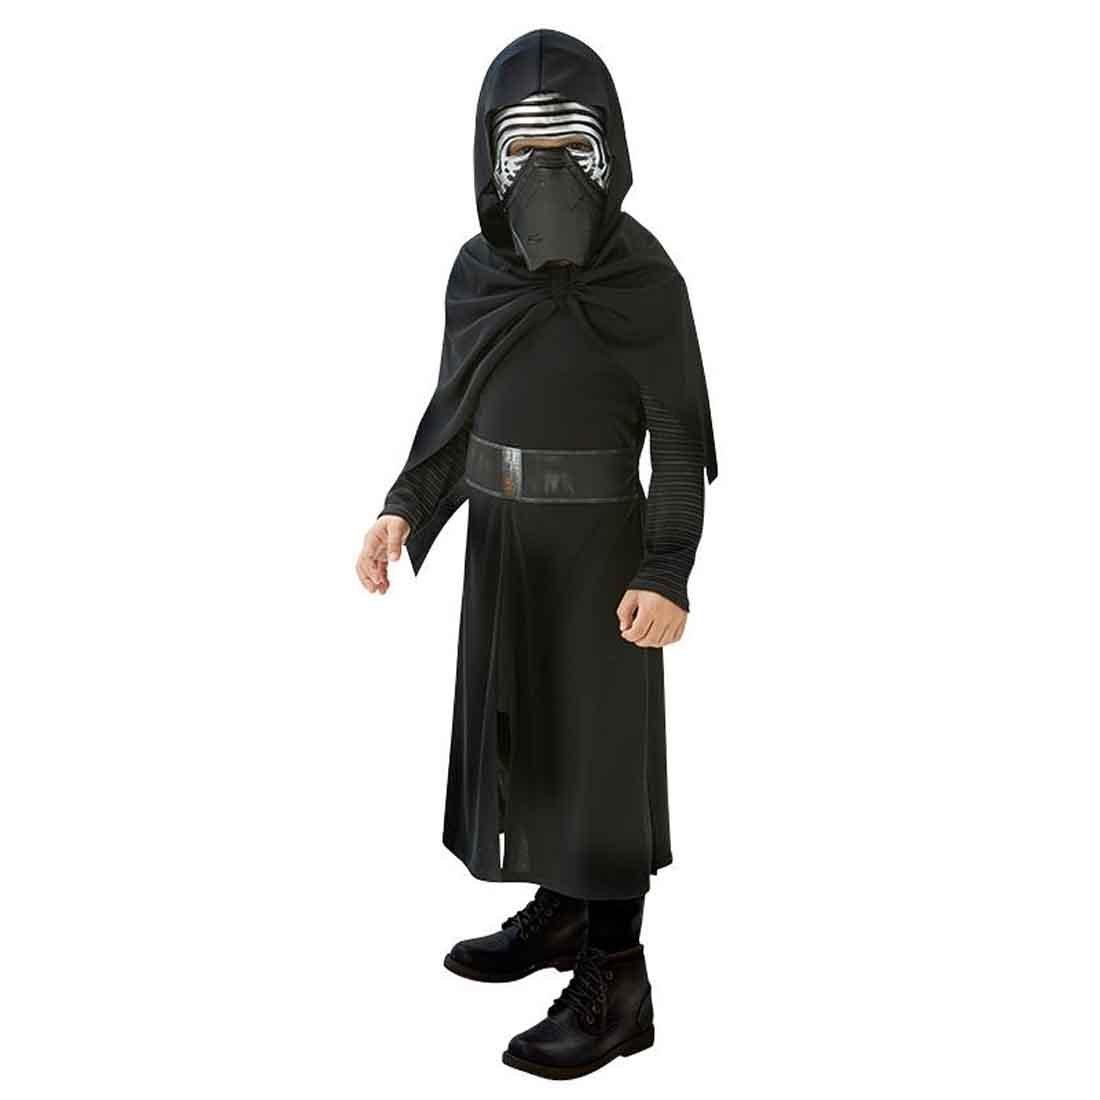 NET TOYS Disfraz Kylo REN niño Traje Infantil Start Wars M 128 cm años 5 - 7 Atuendo Carnaval Jedi Oscuro Ropa Sith niños Túnica Starwars con máscara ...